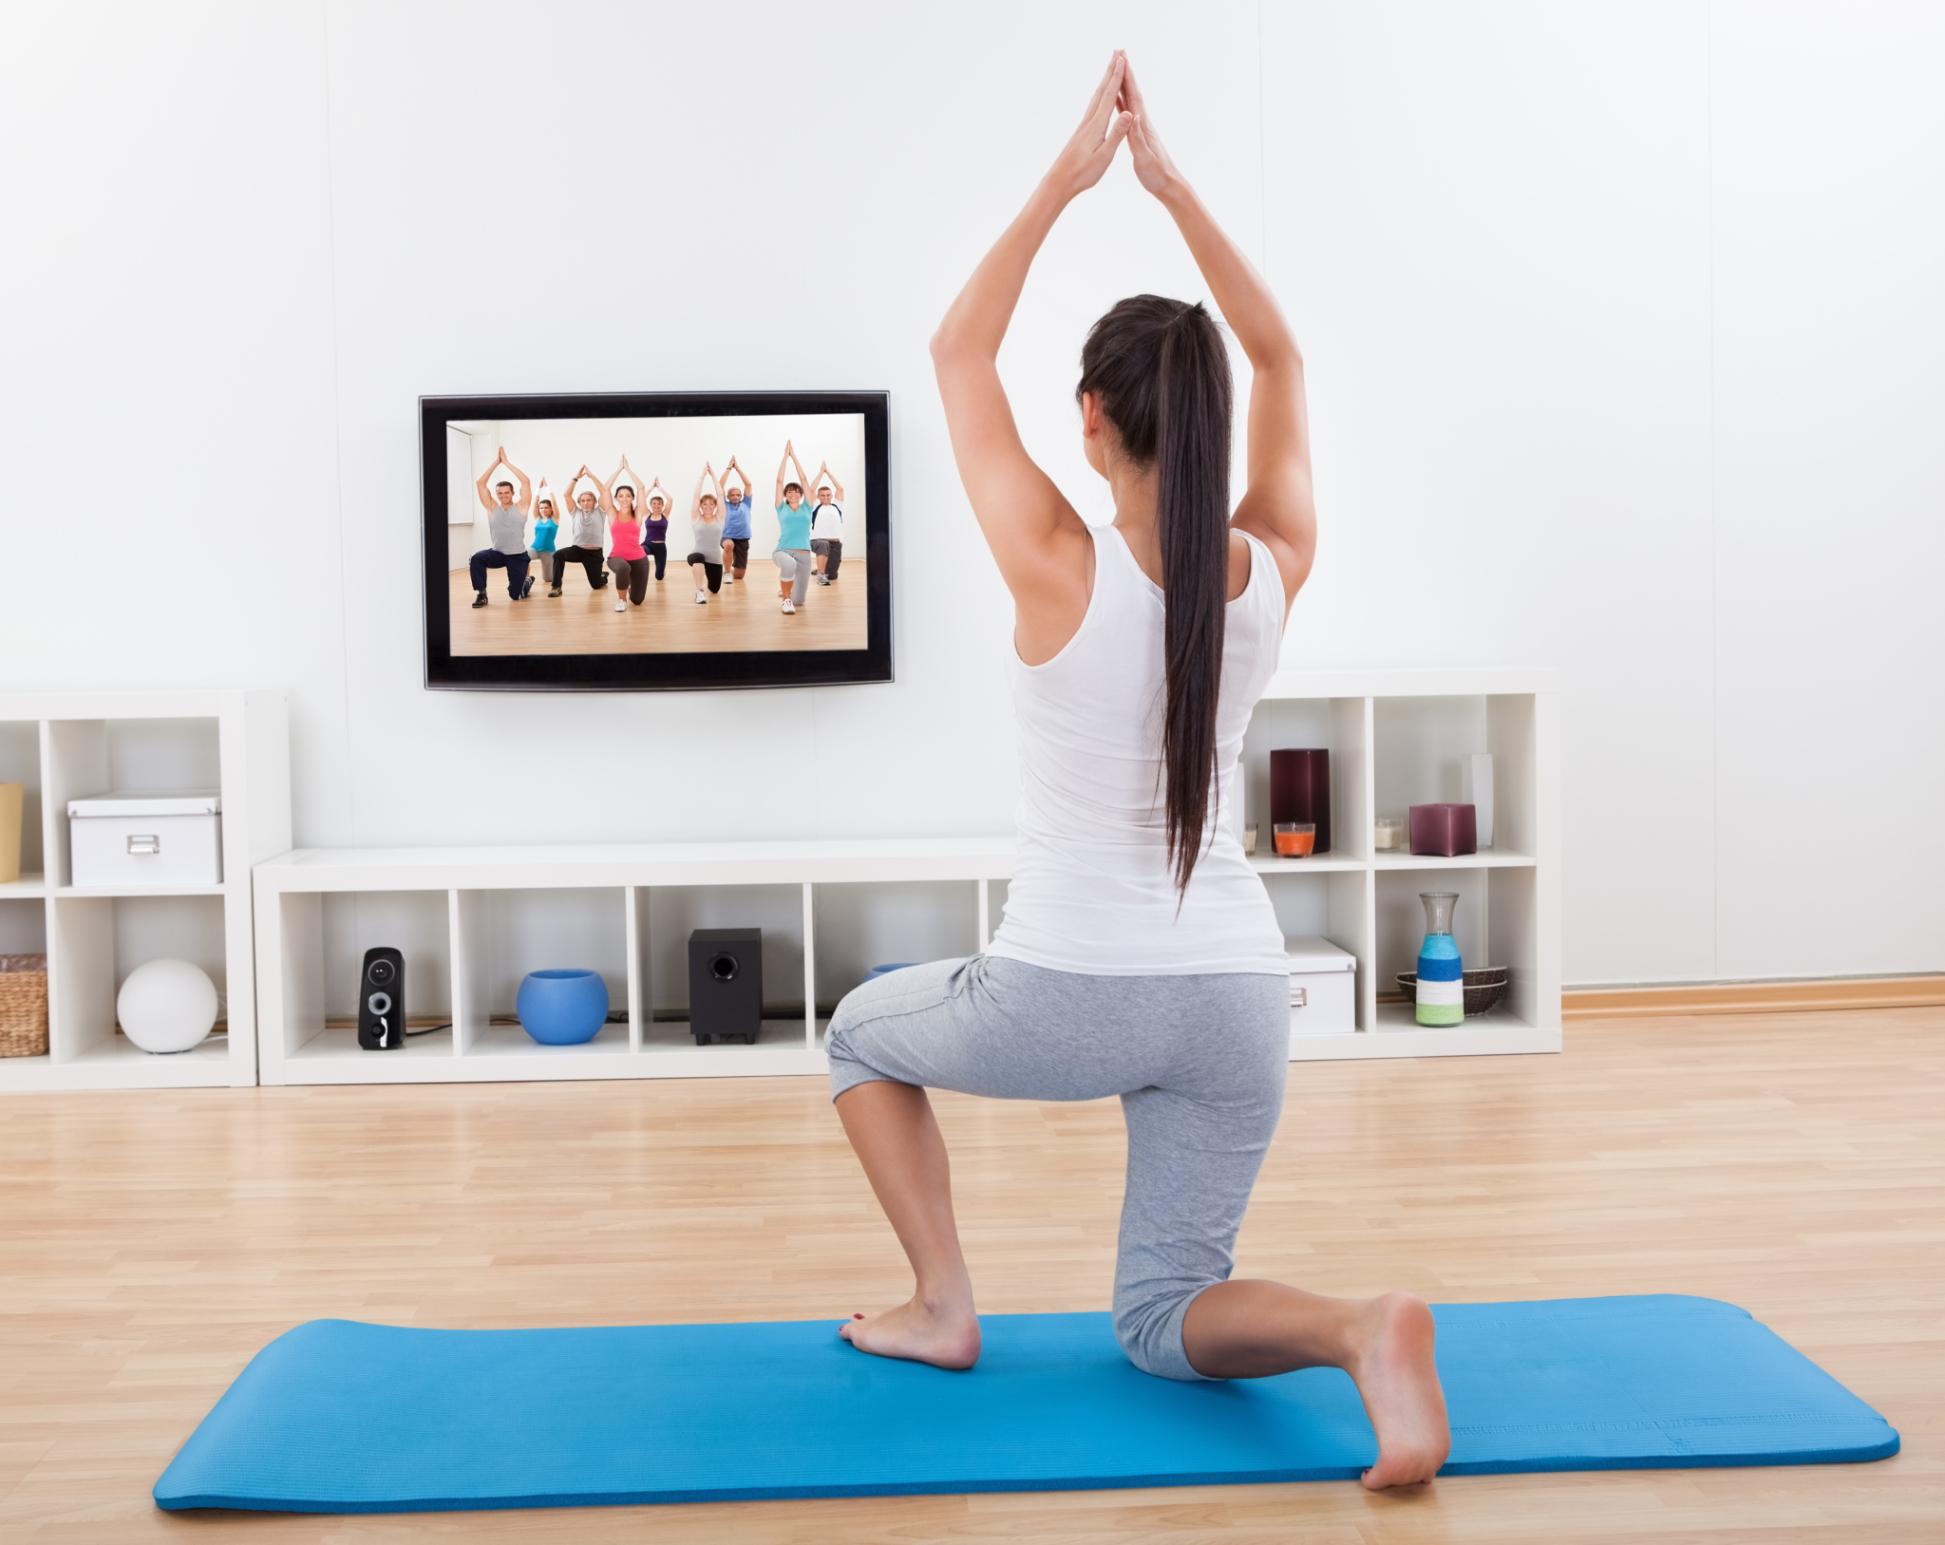 Бесплатное учение йоги для начинающих в приятной домашней обстановке 23